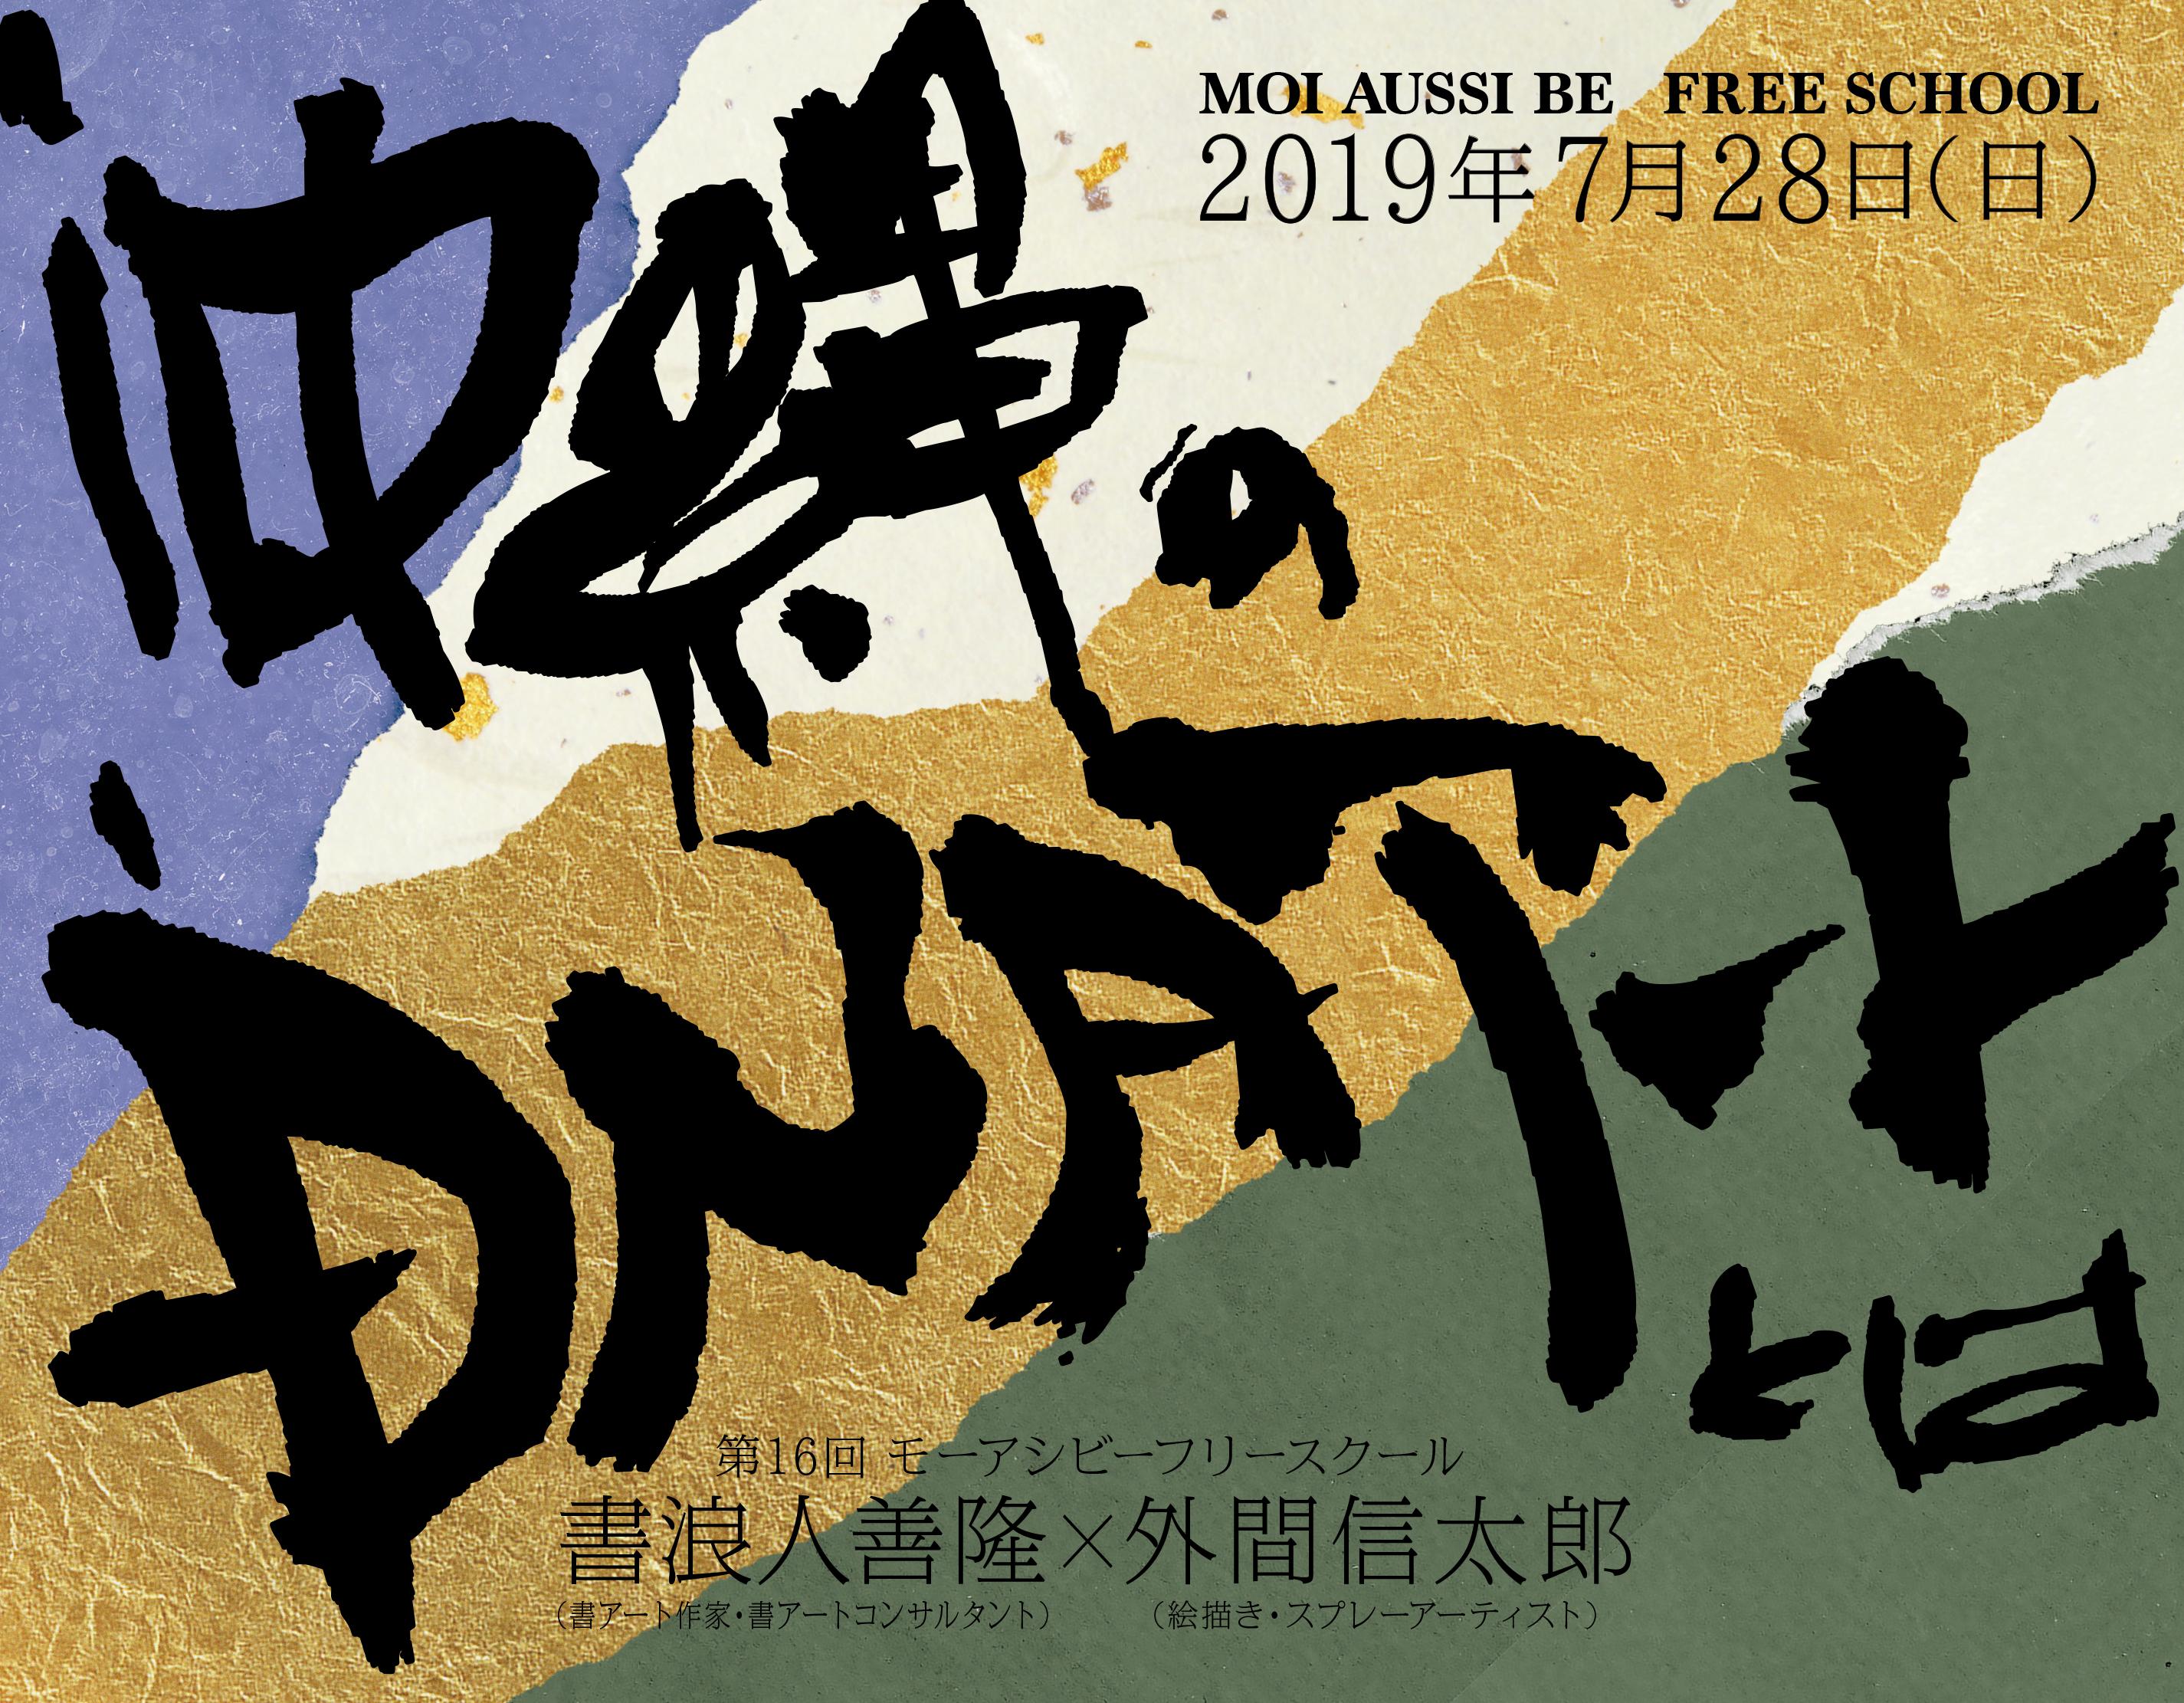 第16回フリースクール開催! 書浪⼈善隆×外間信太郎